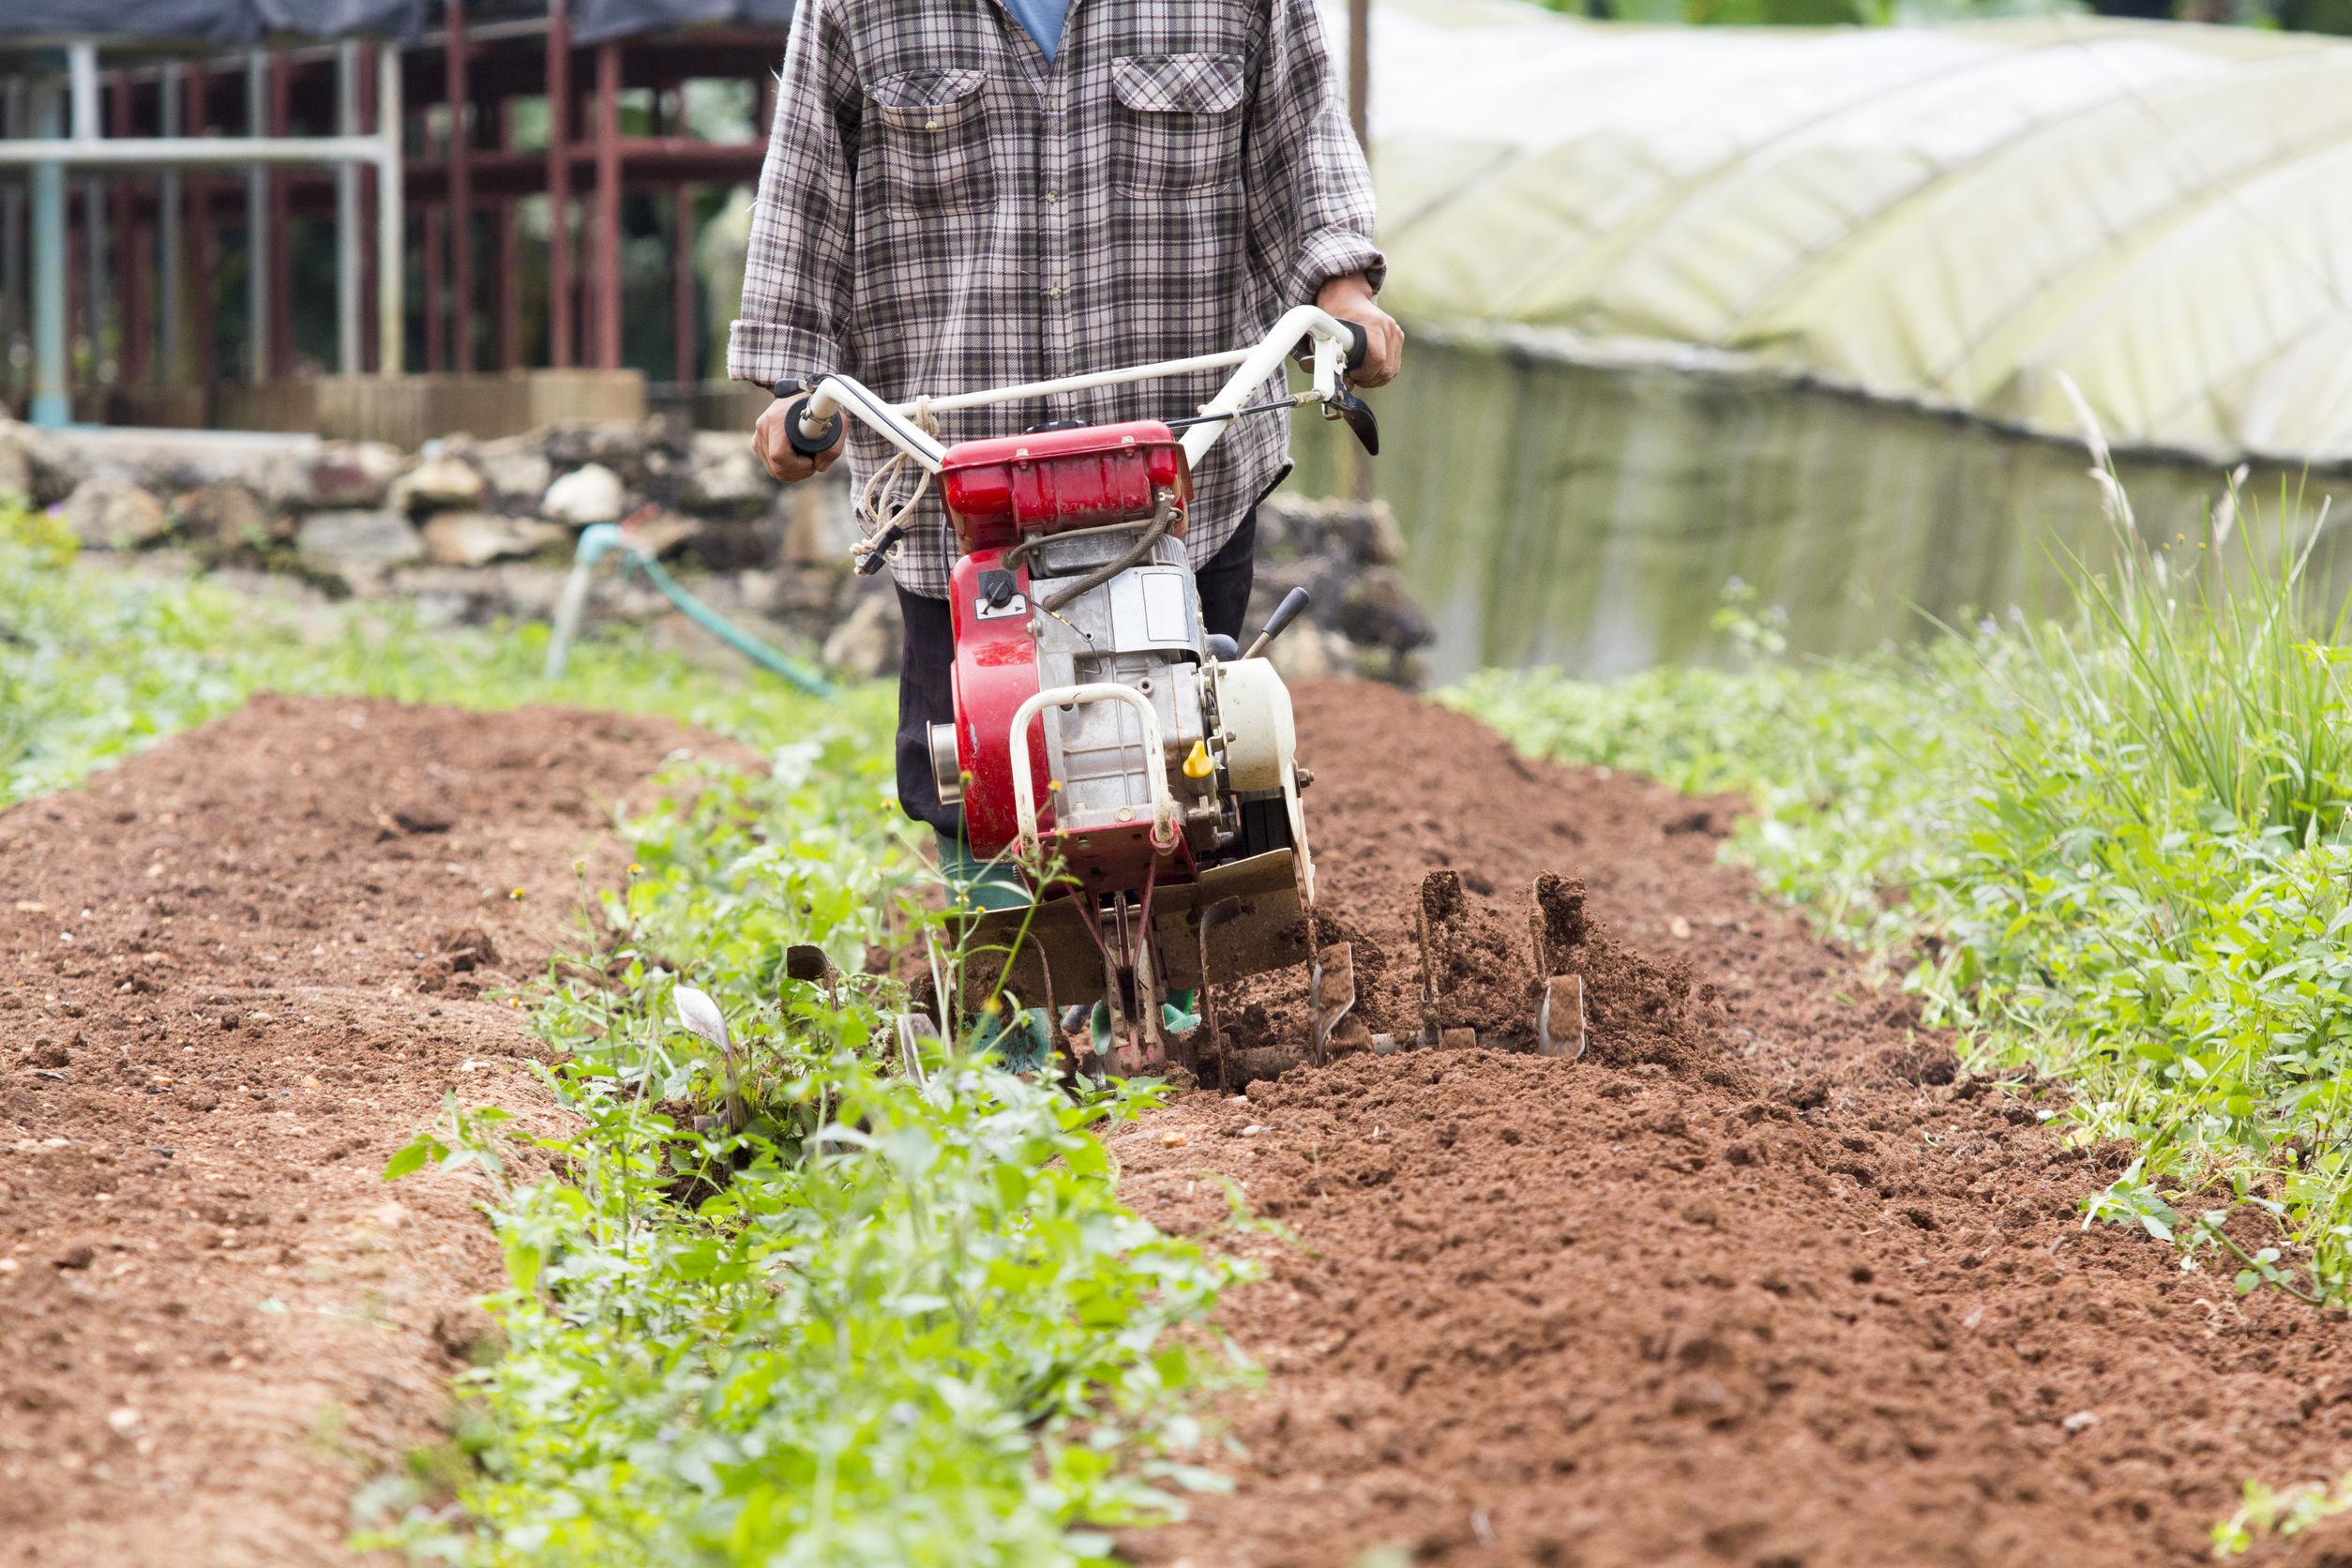 Imagem mostra um motocultivador em atividade em uma plantação.